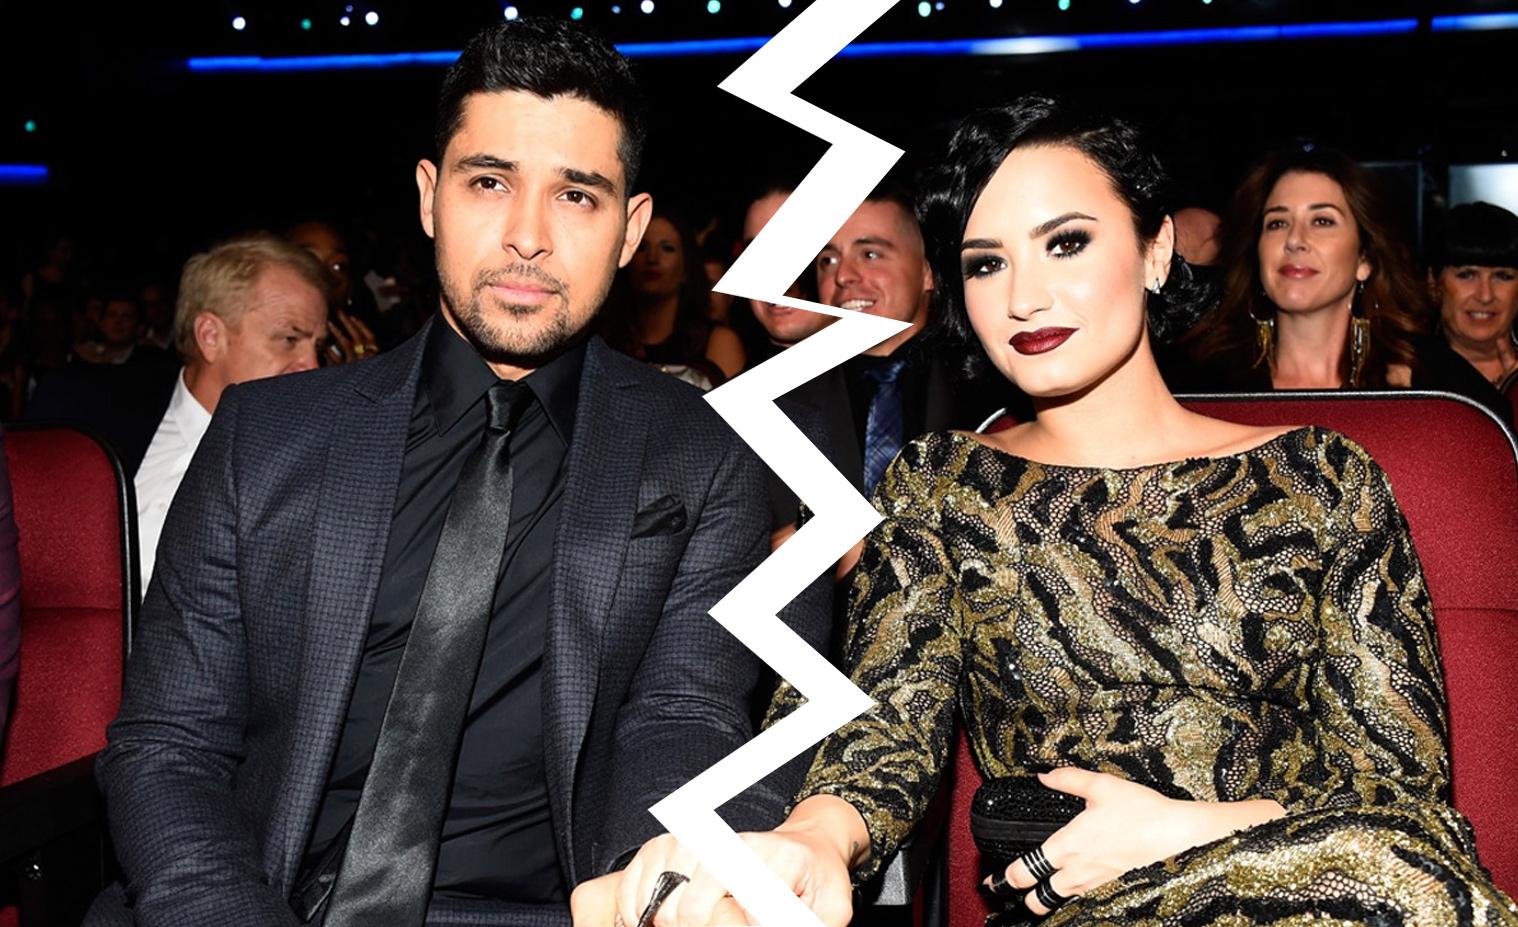 Demi wilmer break up teaser